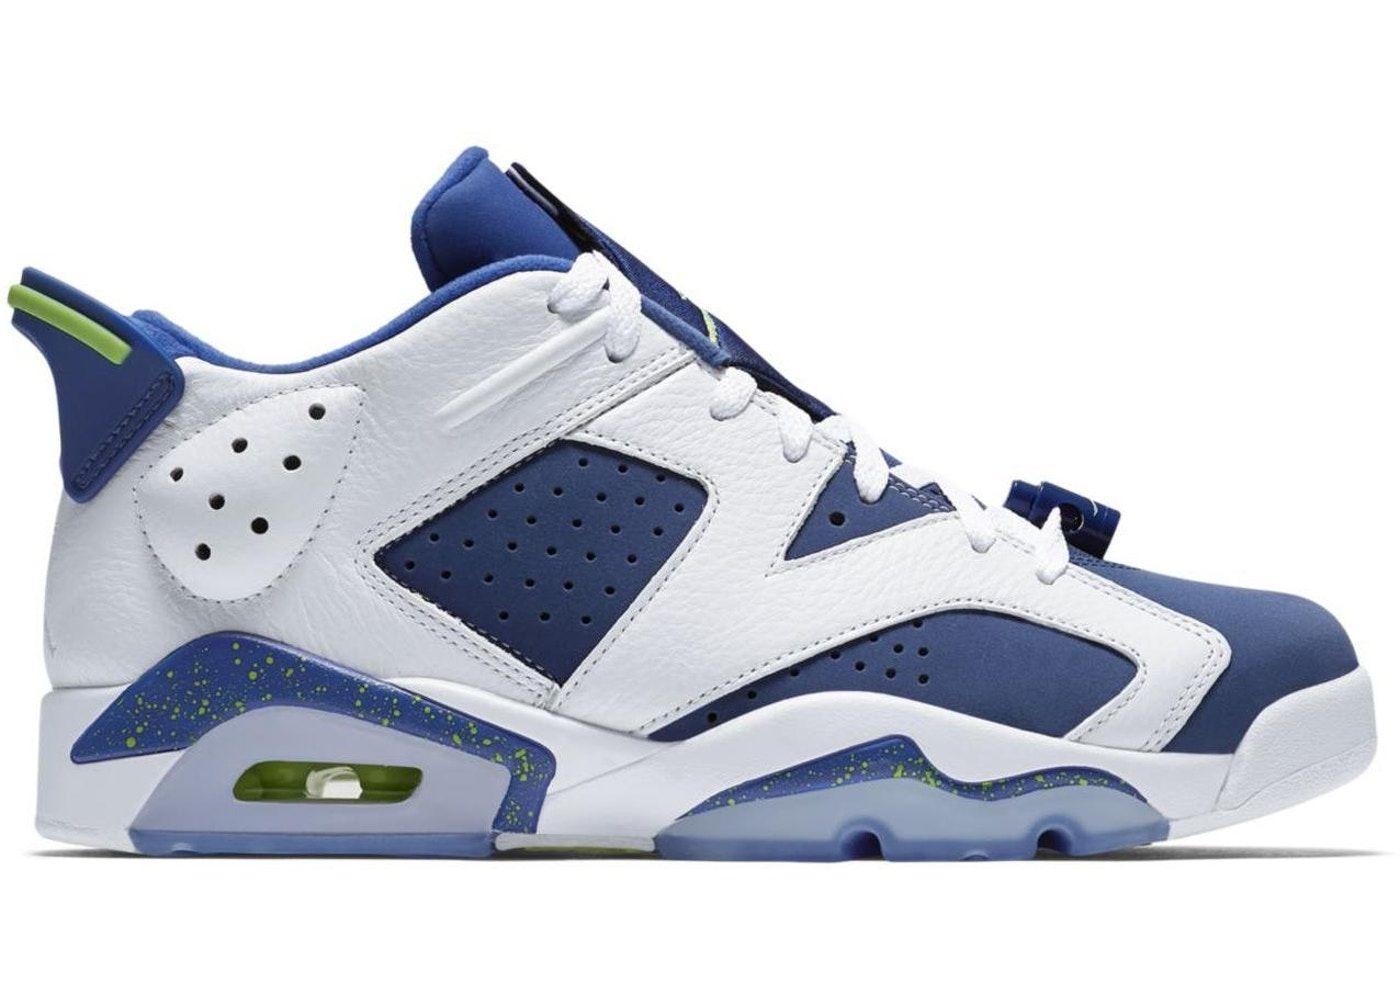 Jordan 6 Retro Low Ghost Green in 2020 Jordans, Air